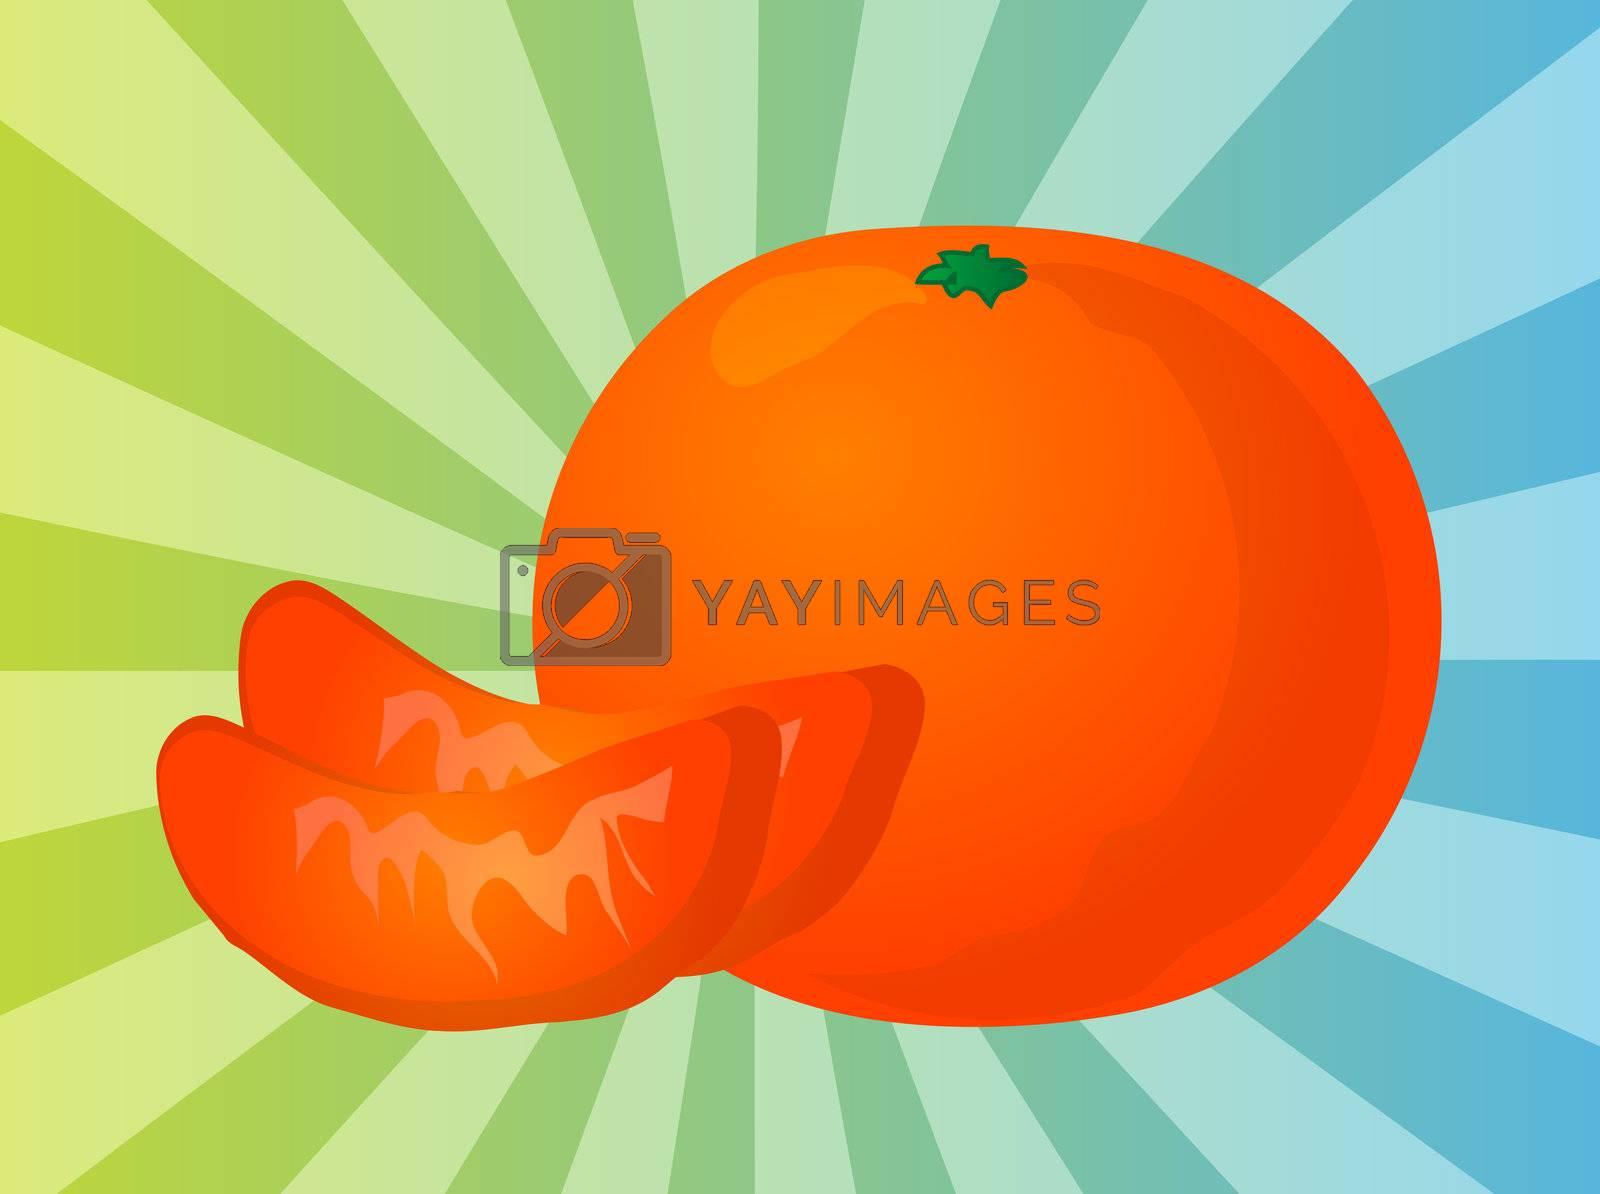 Orange fruit, whole and individual segments, illustration